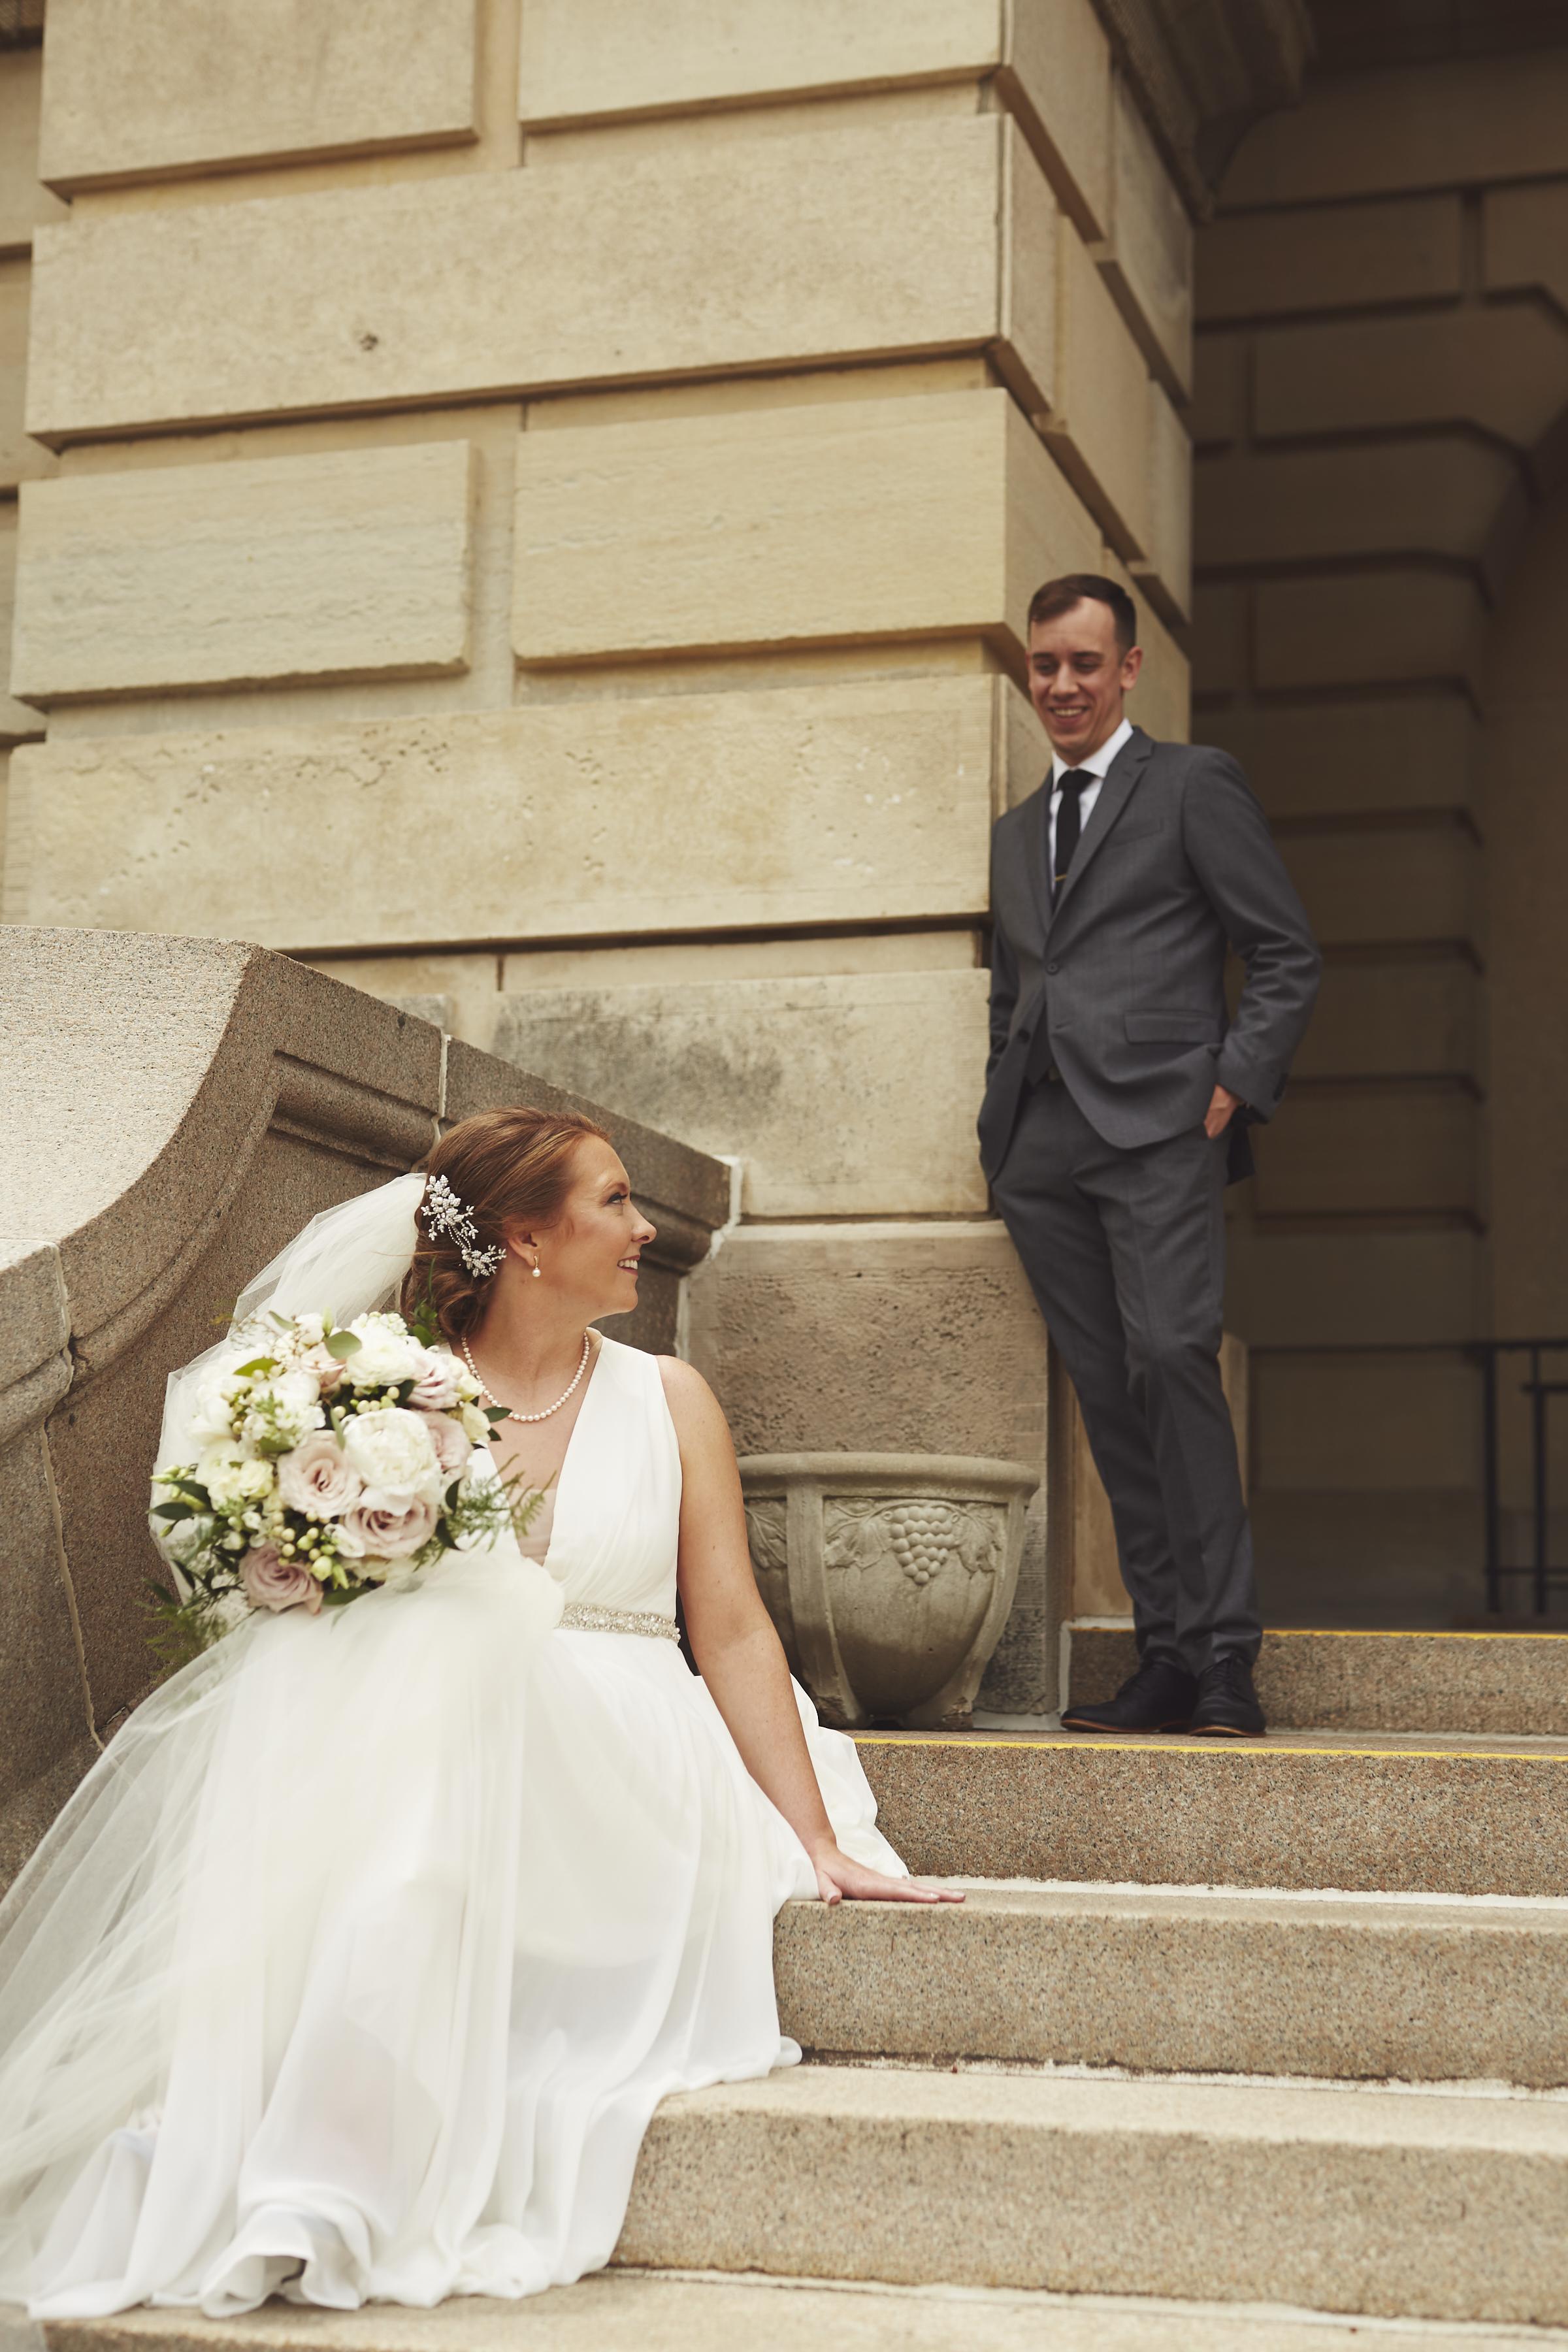 Kathleen & Troy - Ben Romang Photo - 6I5A8094.jpg